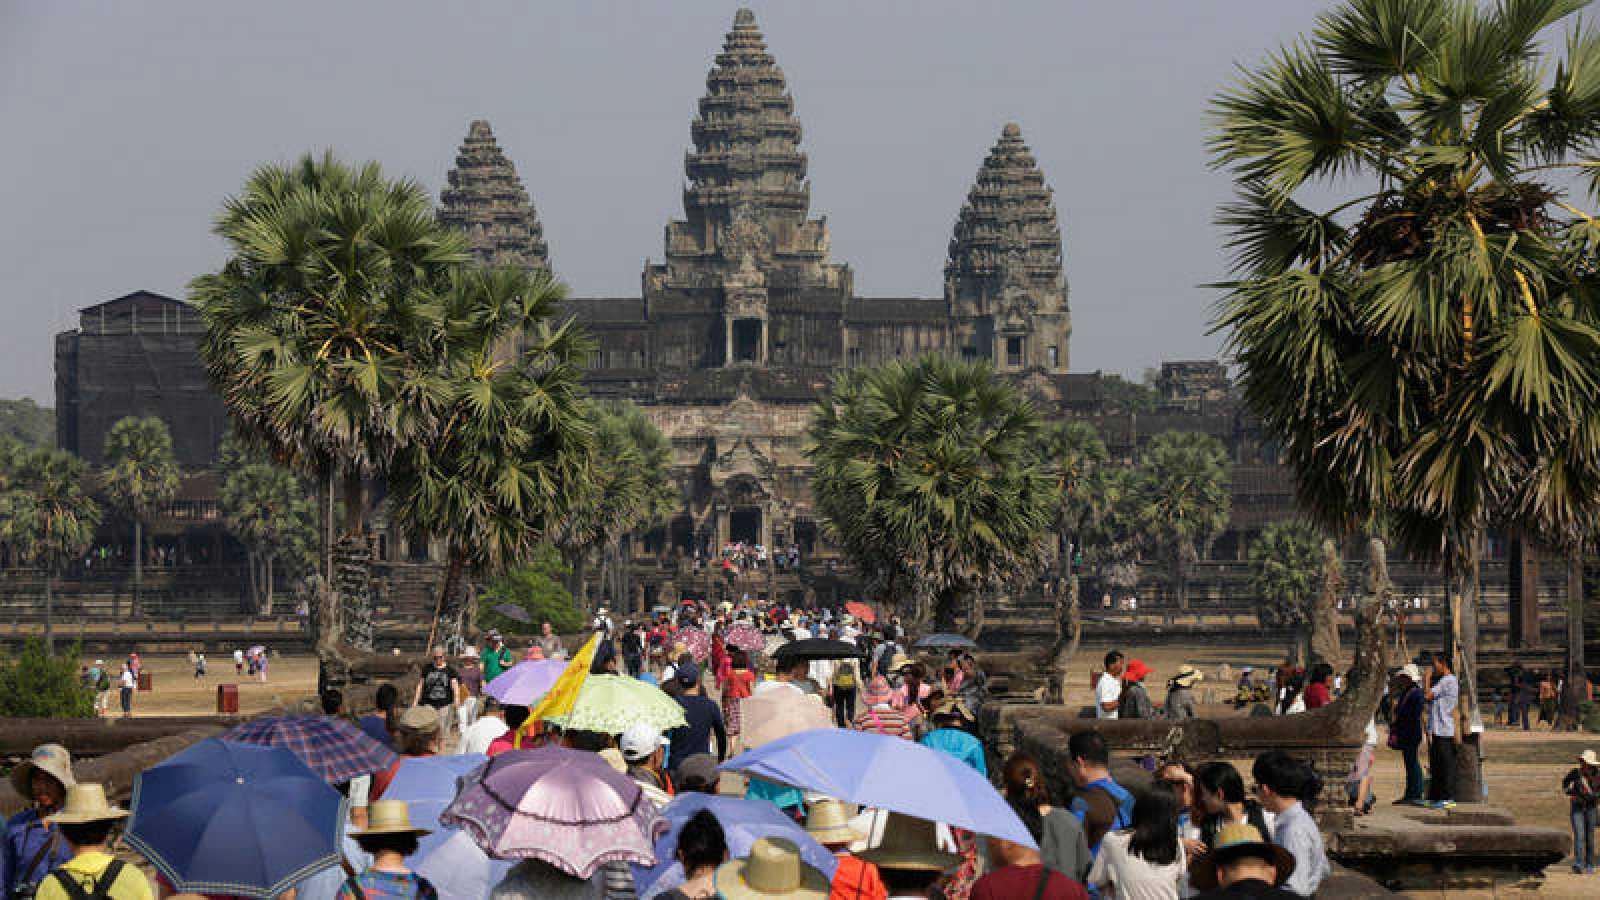 El turismo genera ya una décima parte de las emisiones globales de ...